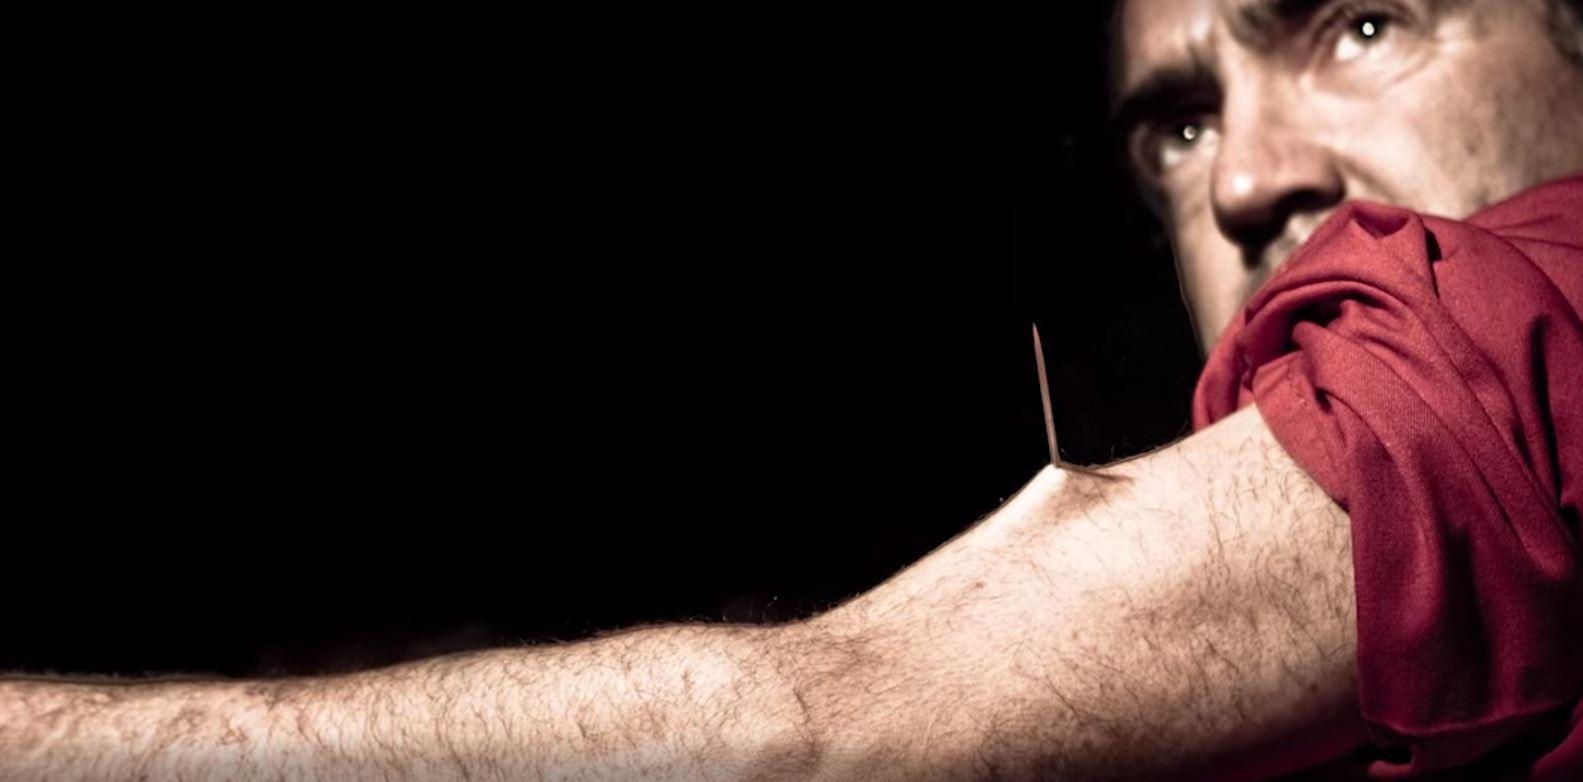 Тім Криндланд - людина, що не відчуває болю